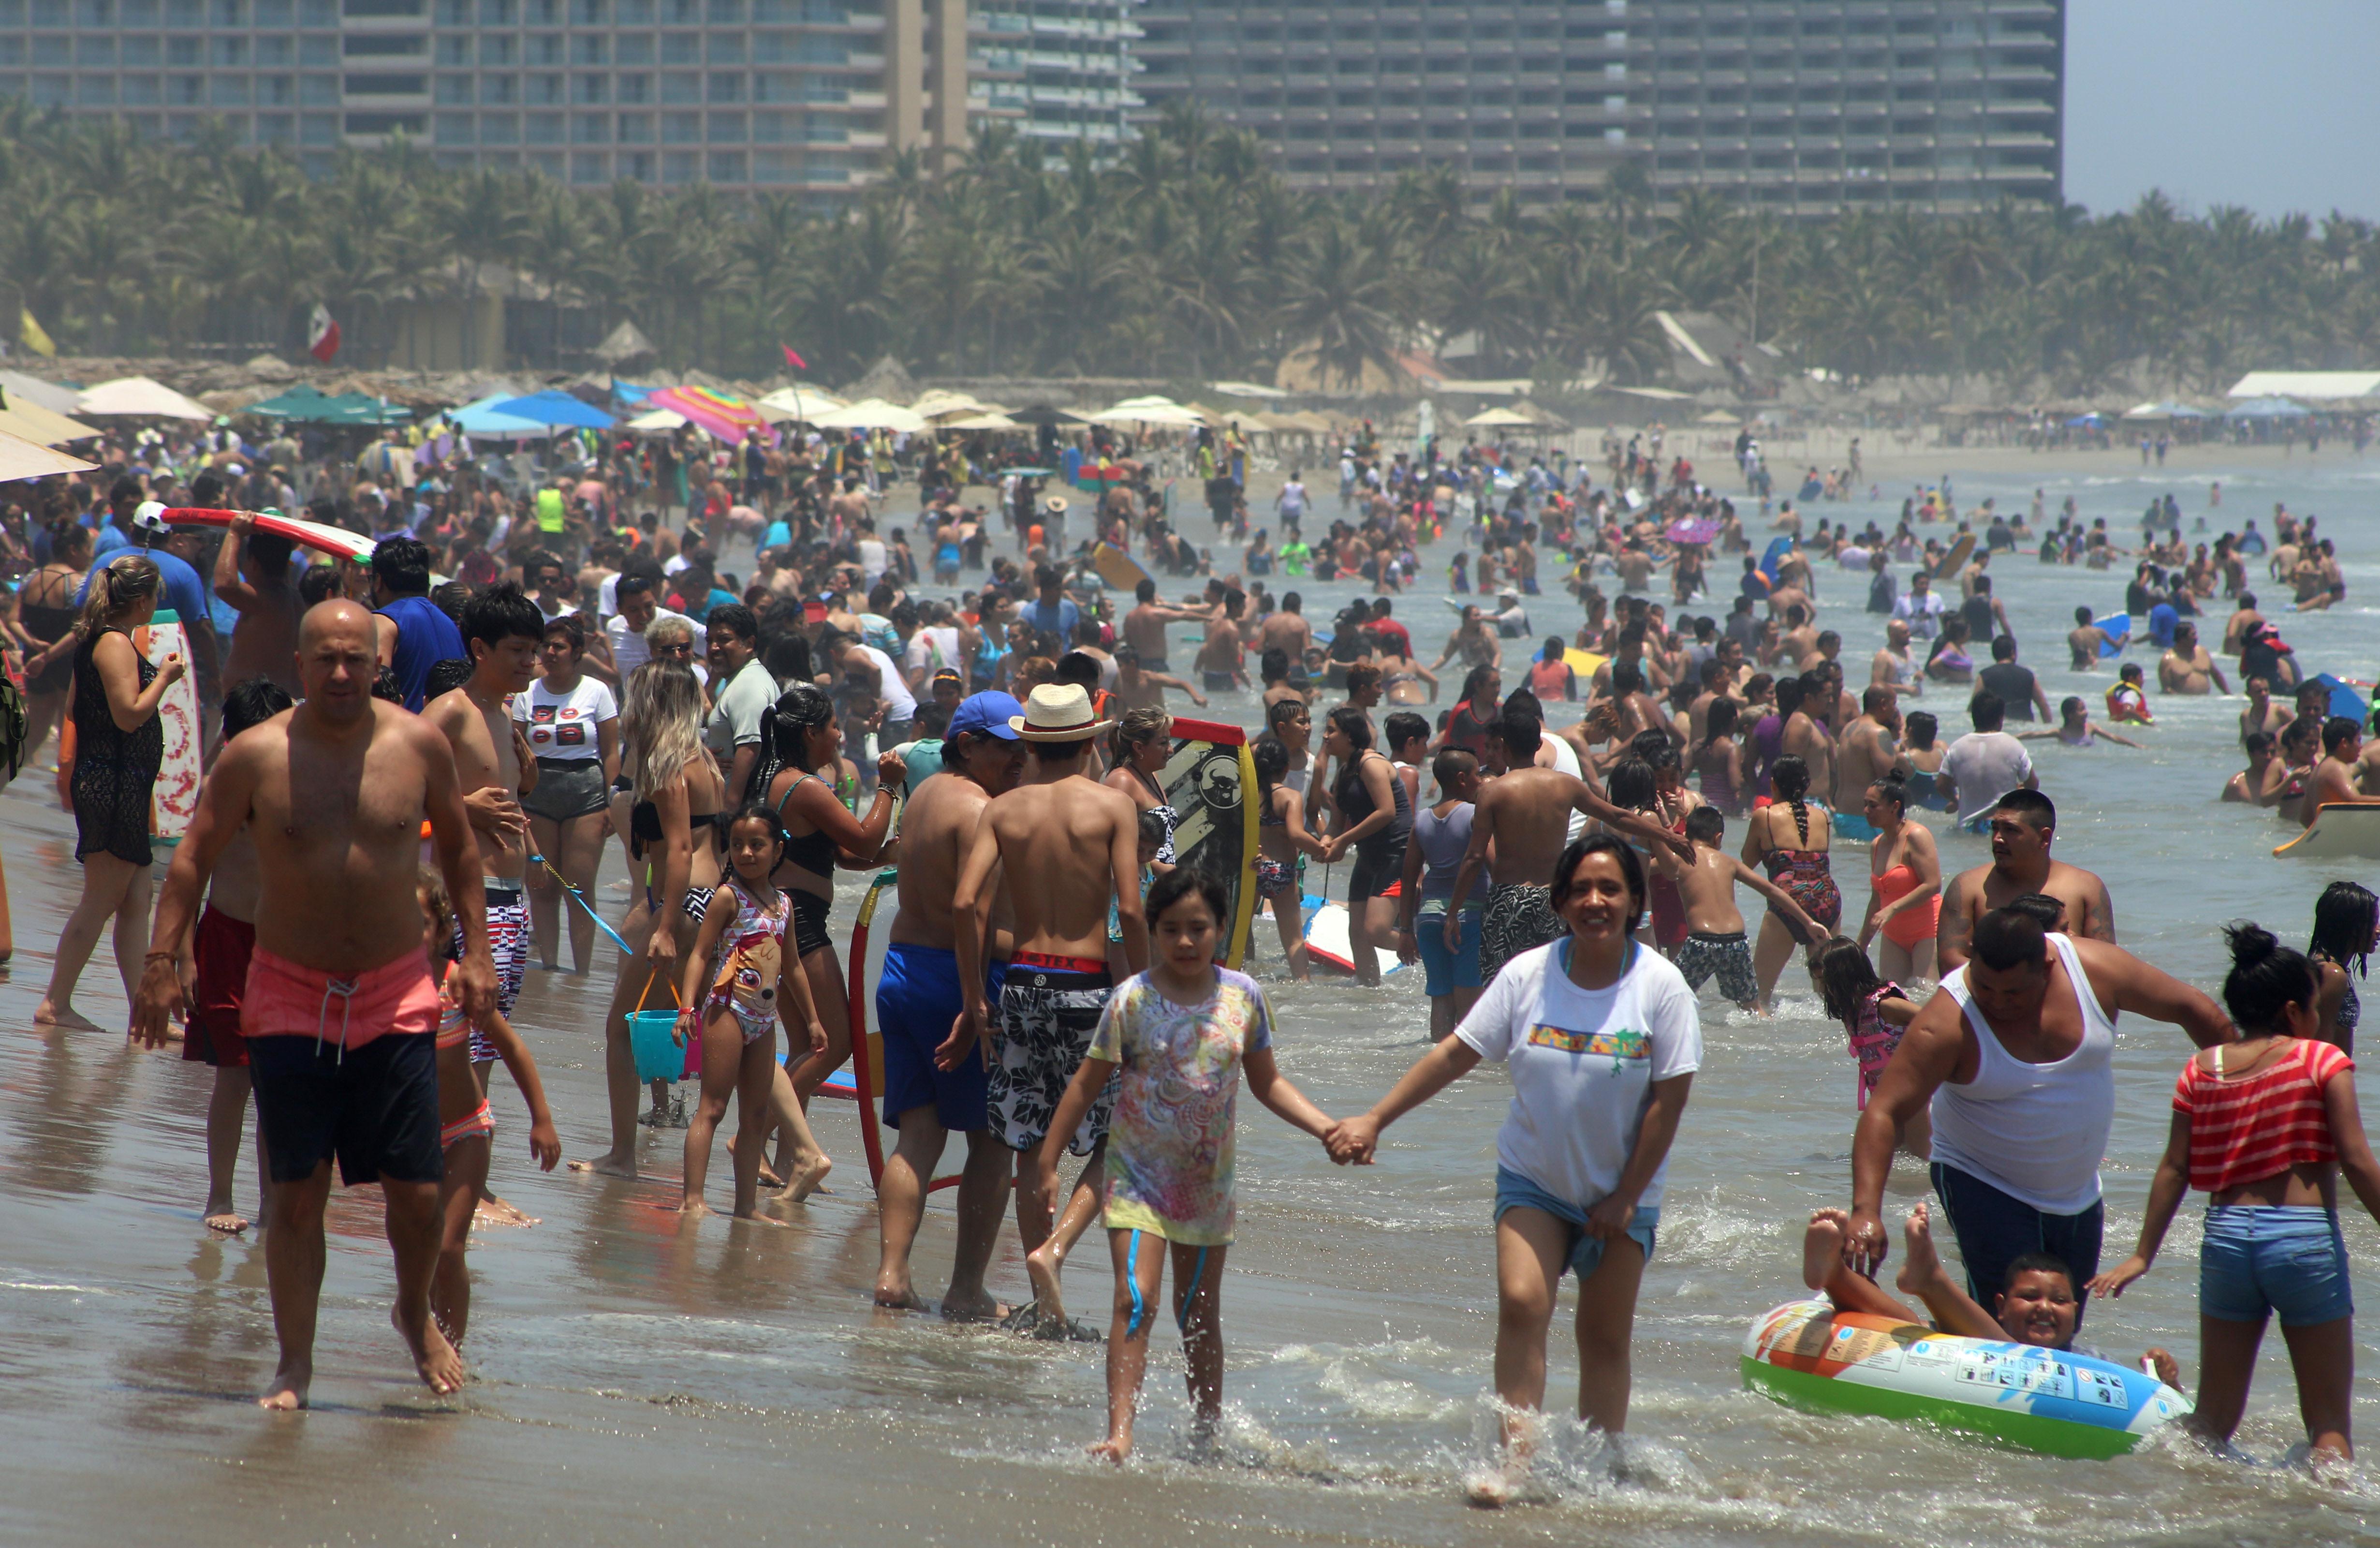 ACAPULCO, GUERRERO, 19ABRIL2019.-Autoridades de la Secretaría de Turismo informaron que hoy el puerto de Acapulco alcanzó un 84.8 por ciento de ocupación hotelera. En la gráfica se aprecia la playa Revolcadero ubicada en la zona Diamante del puerto, una de las visitadas por los vacacionistas. FOTO: ALBERTO CARBAJAL /CUARTOSCURO